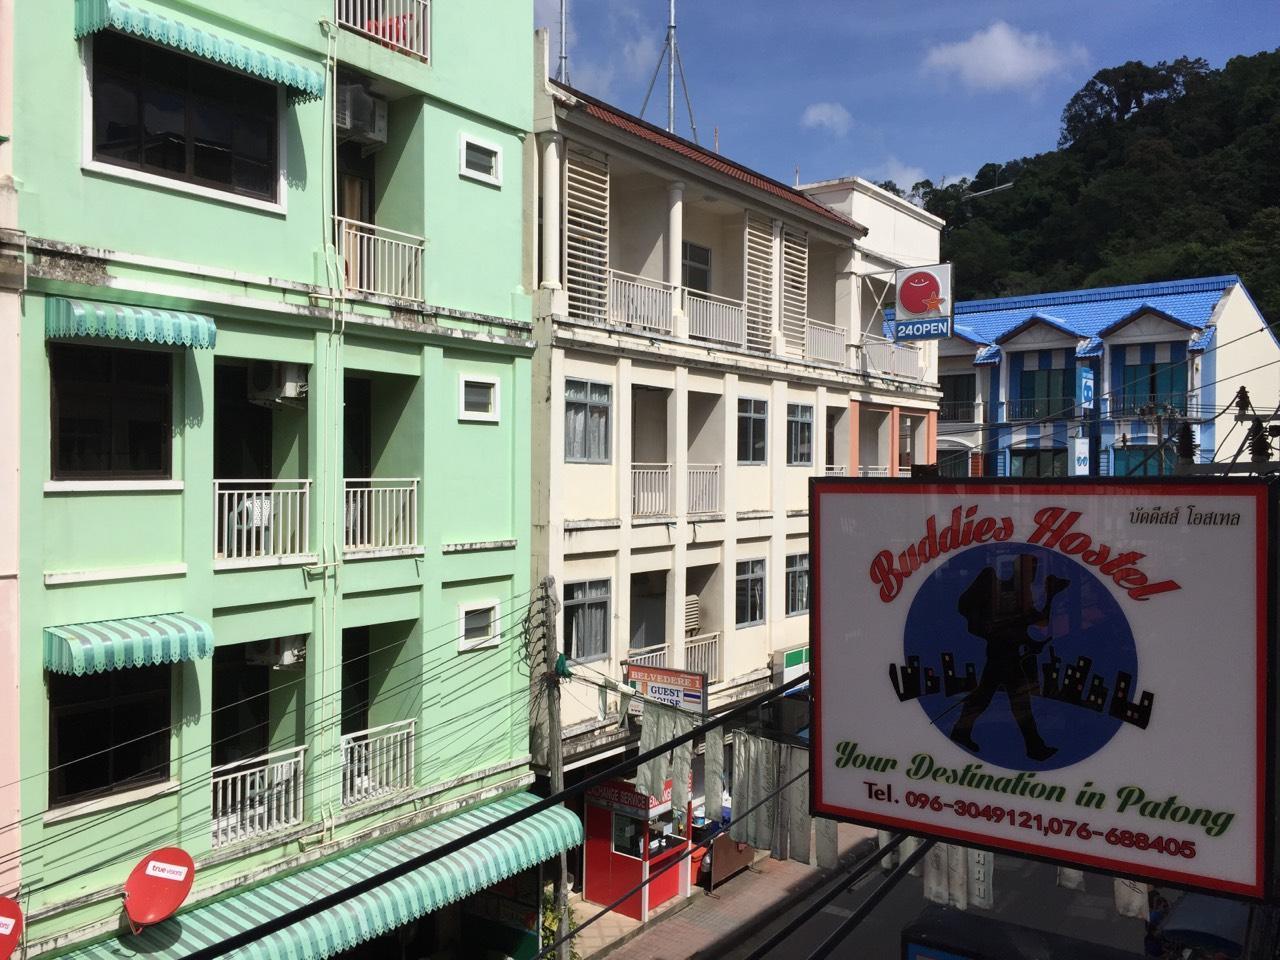 Buddies Hostel Patong